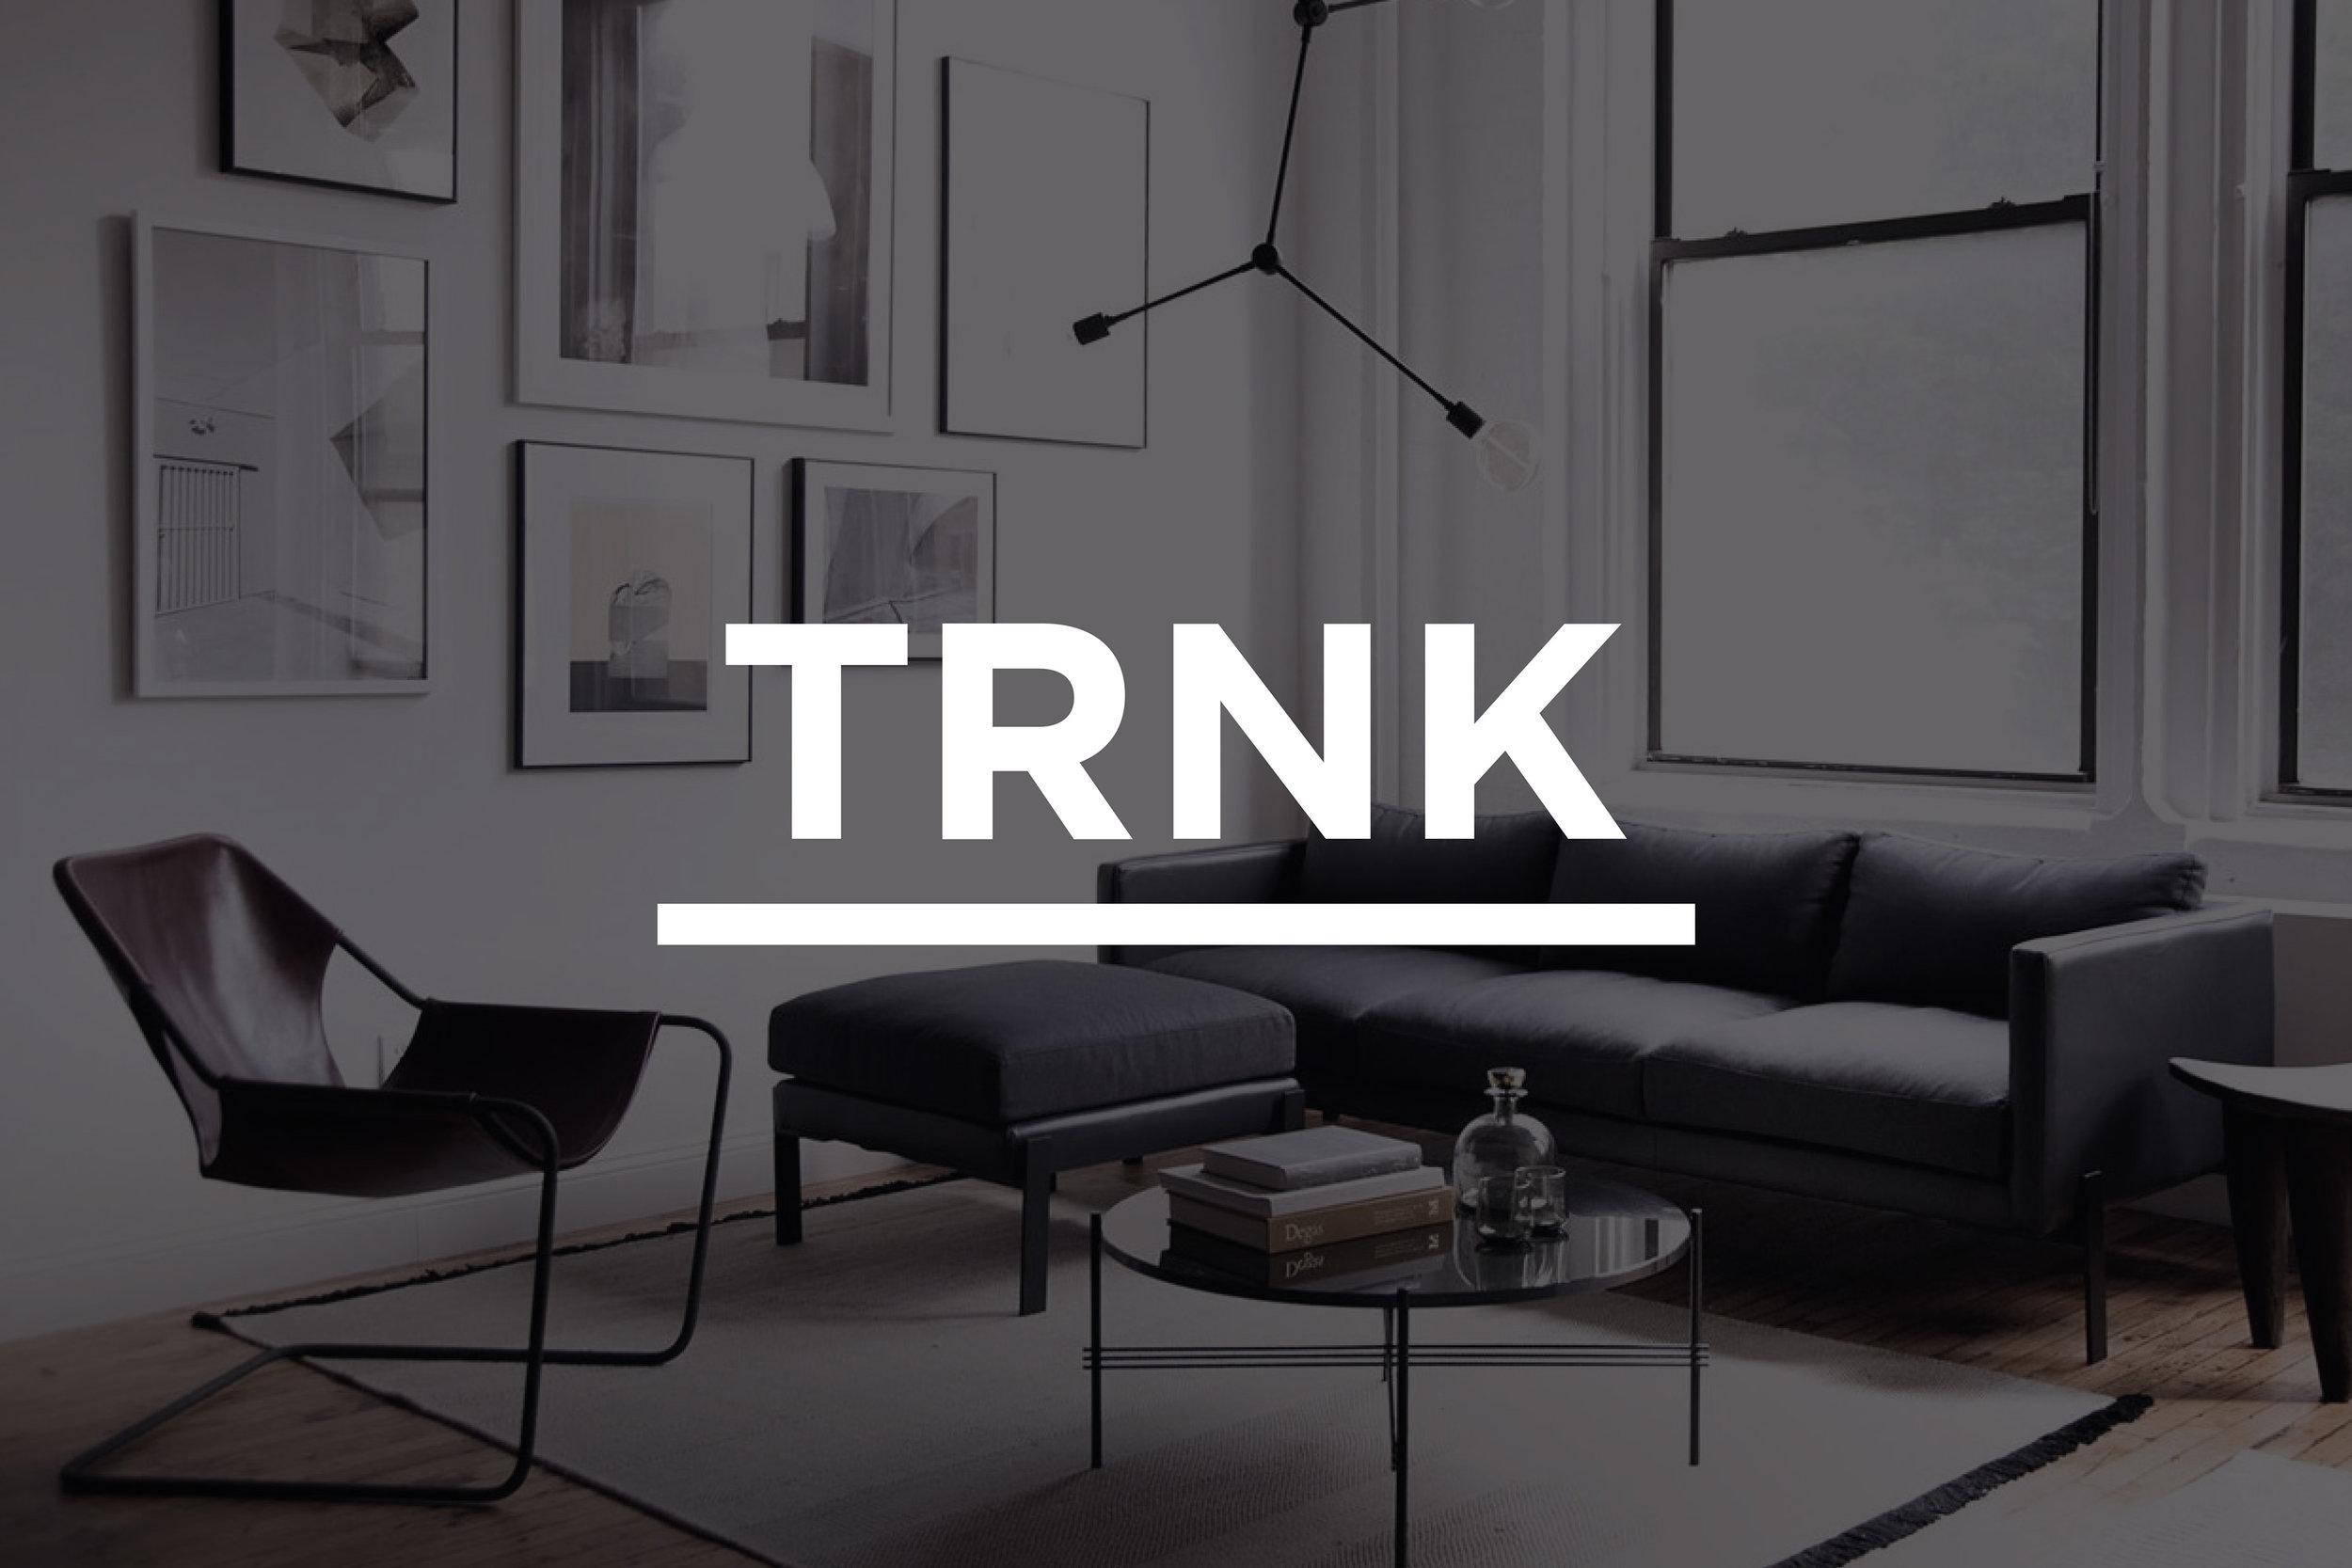 trnk_logo.jpg